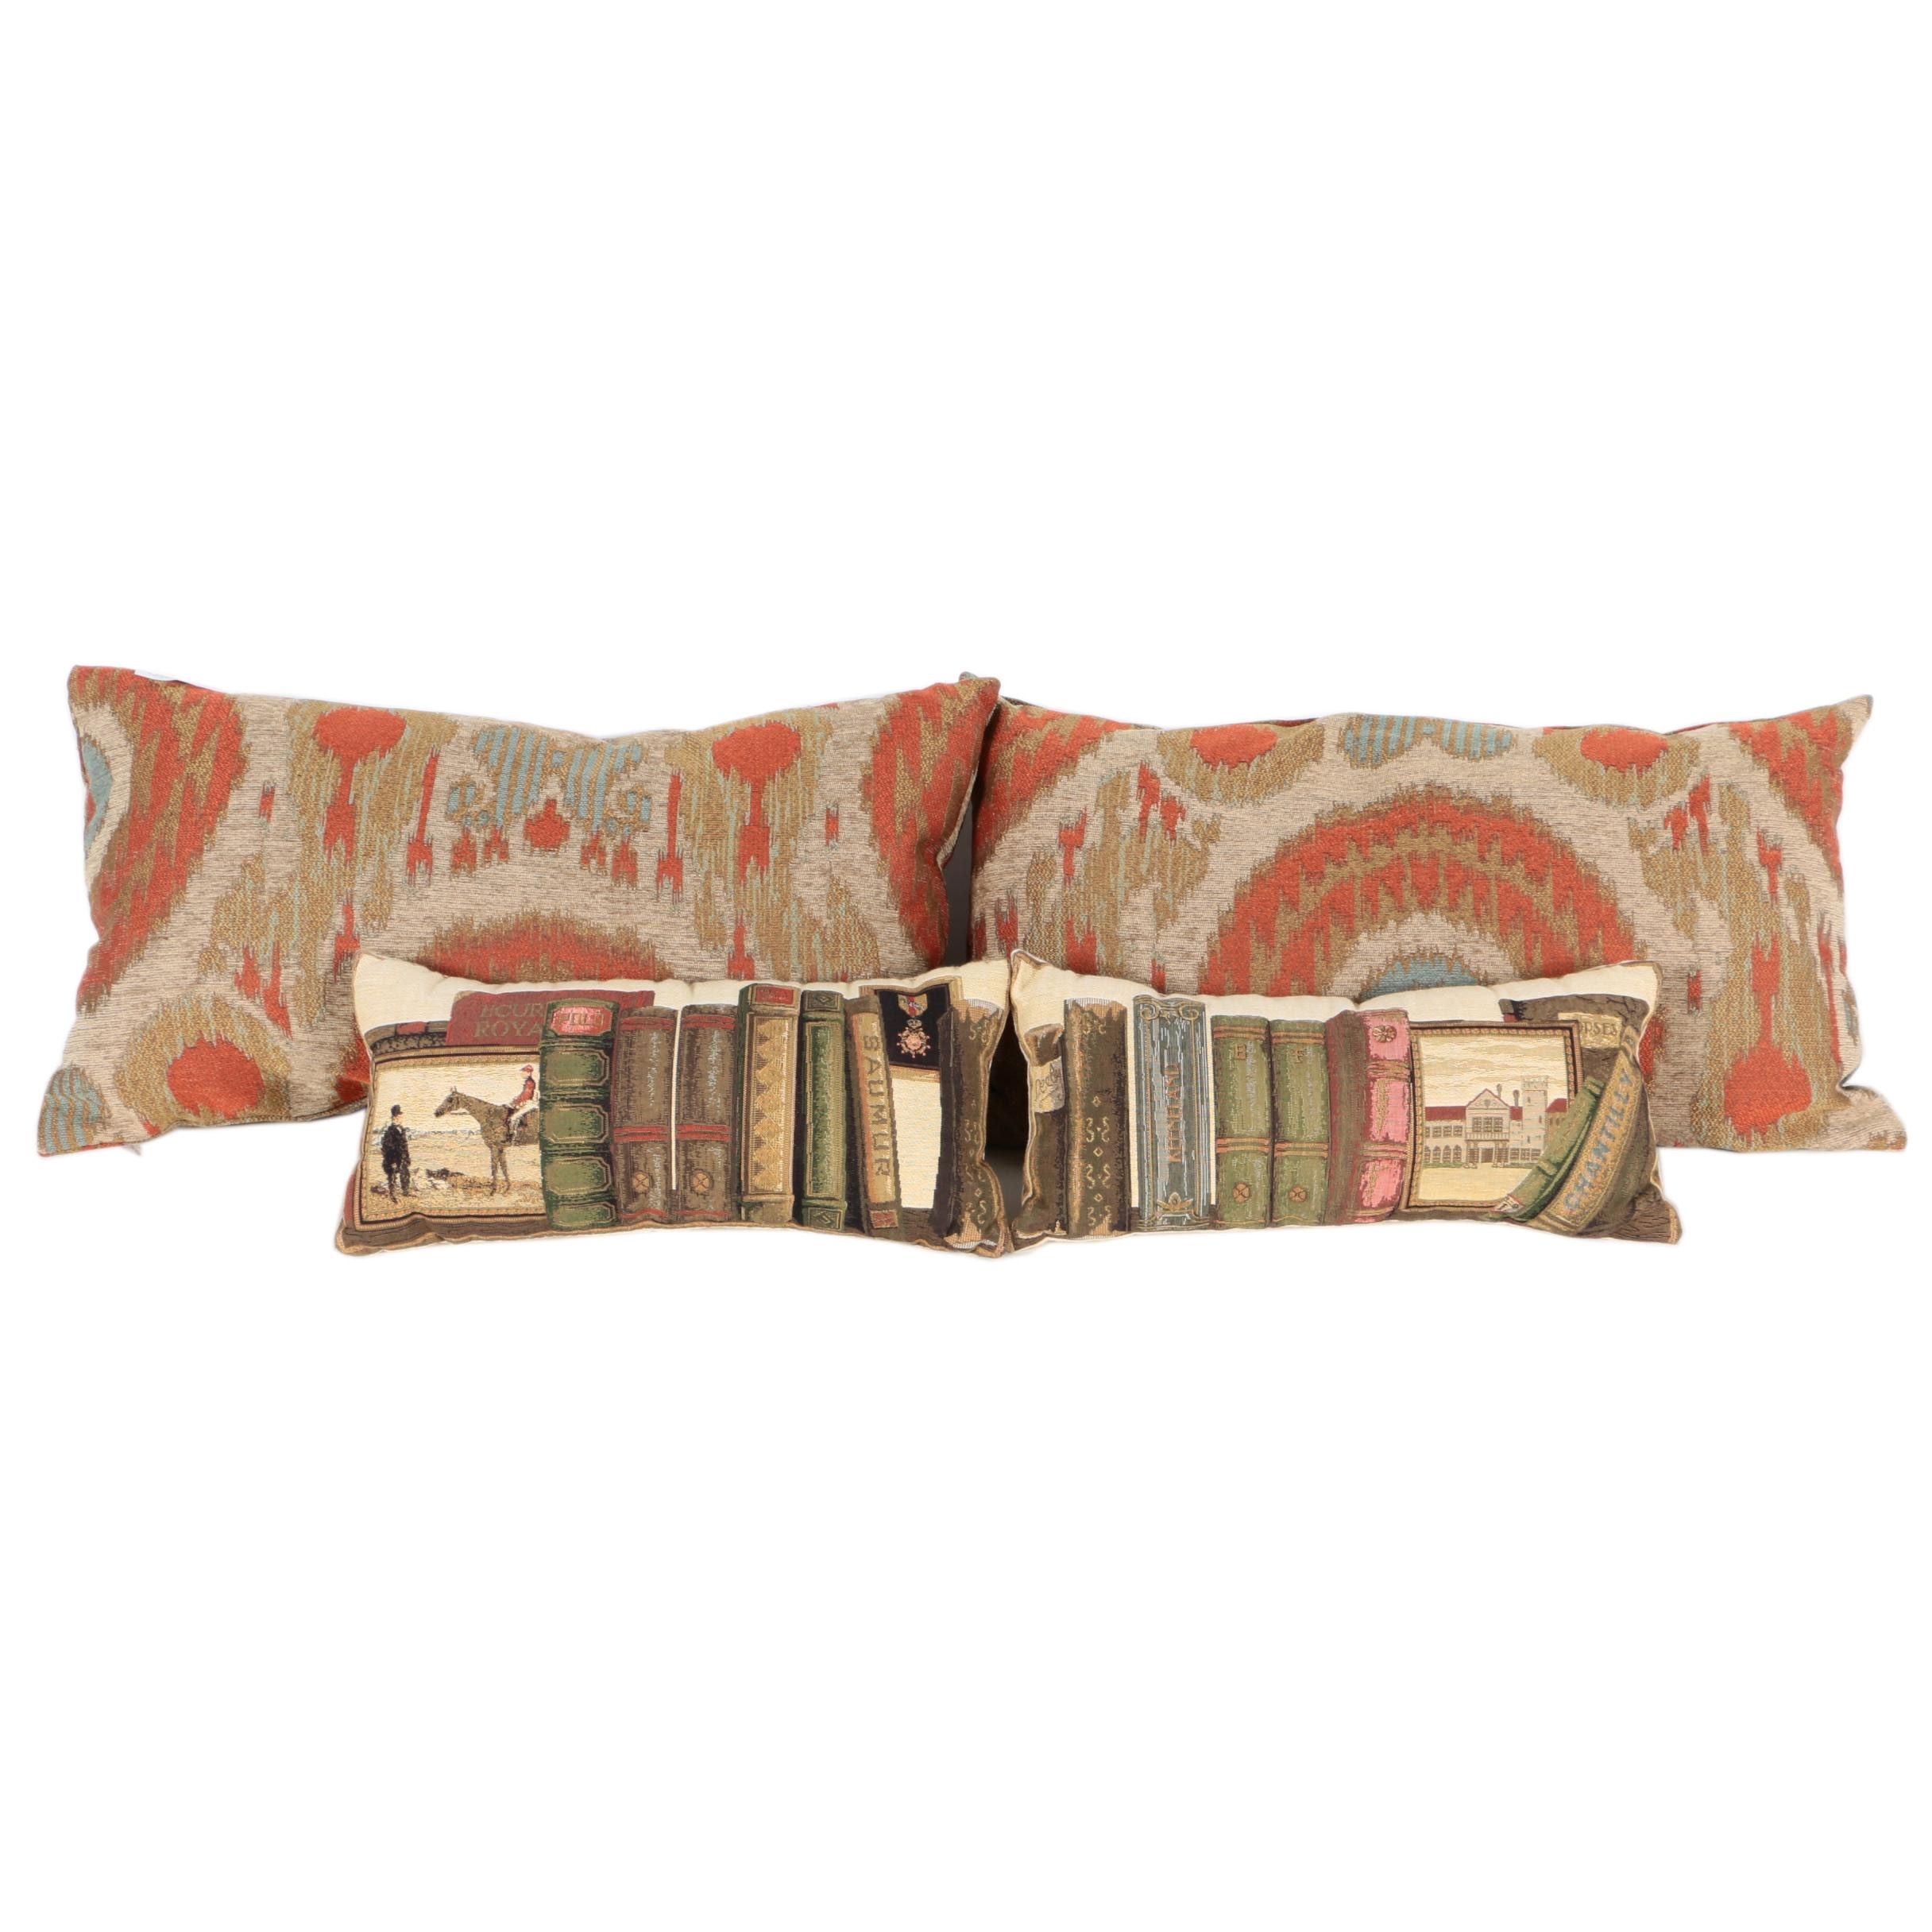 Collection of Four Rectangular Decorative Pillows